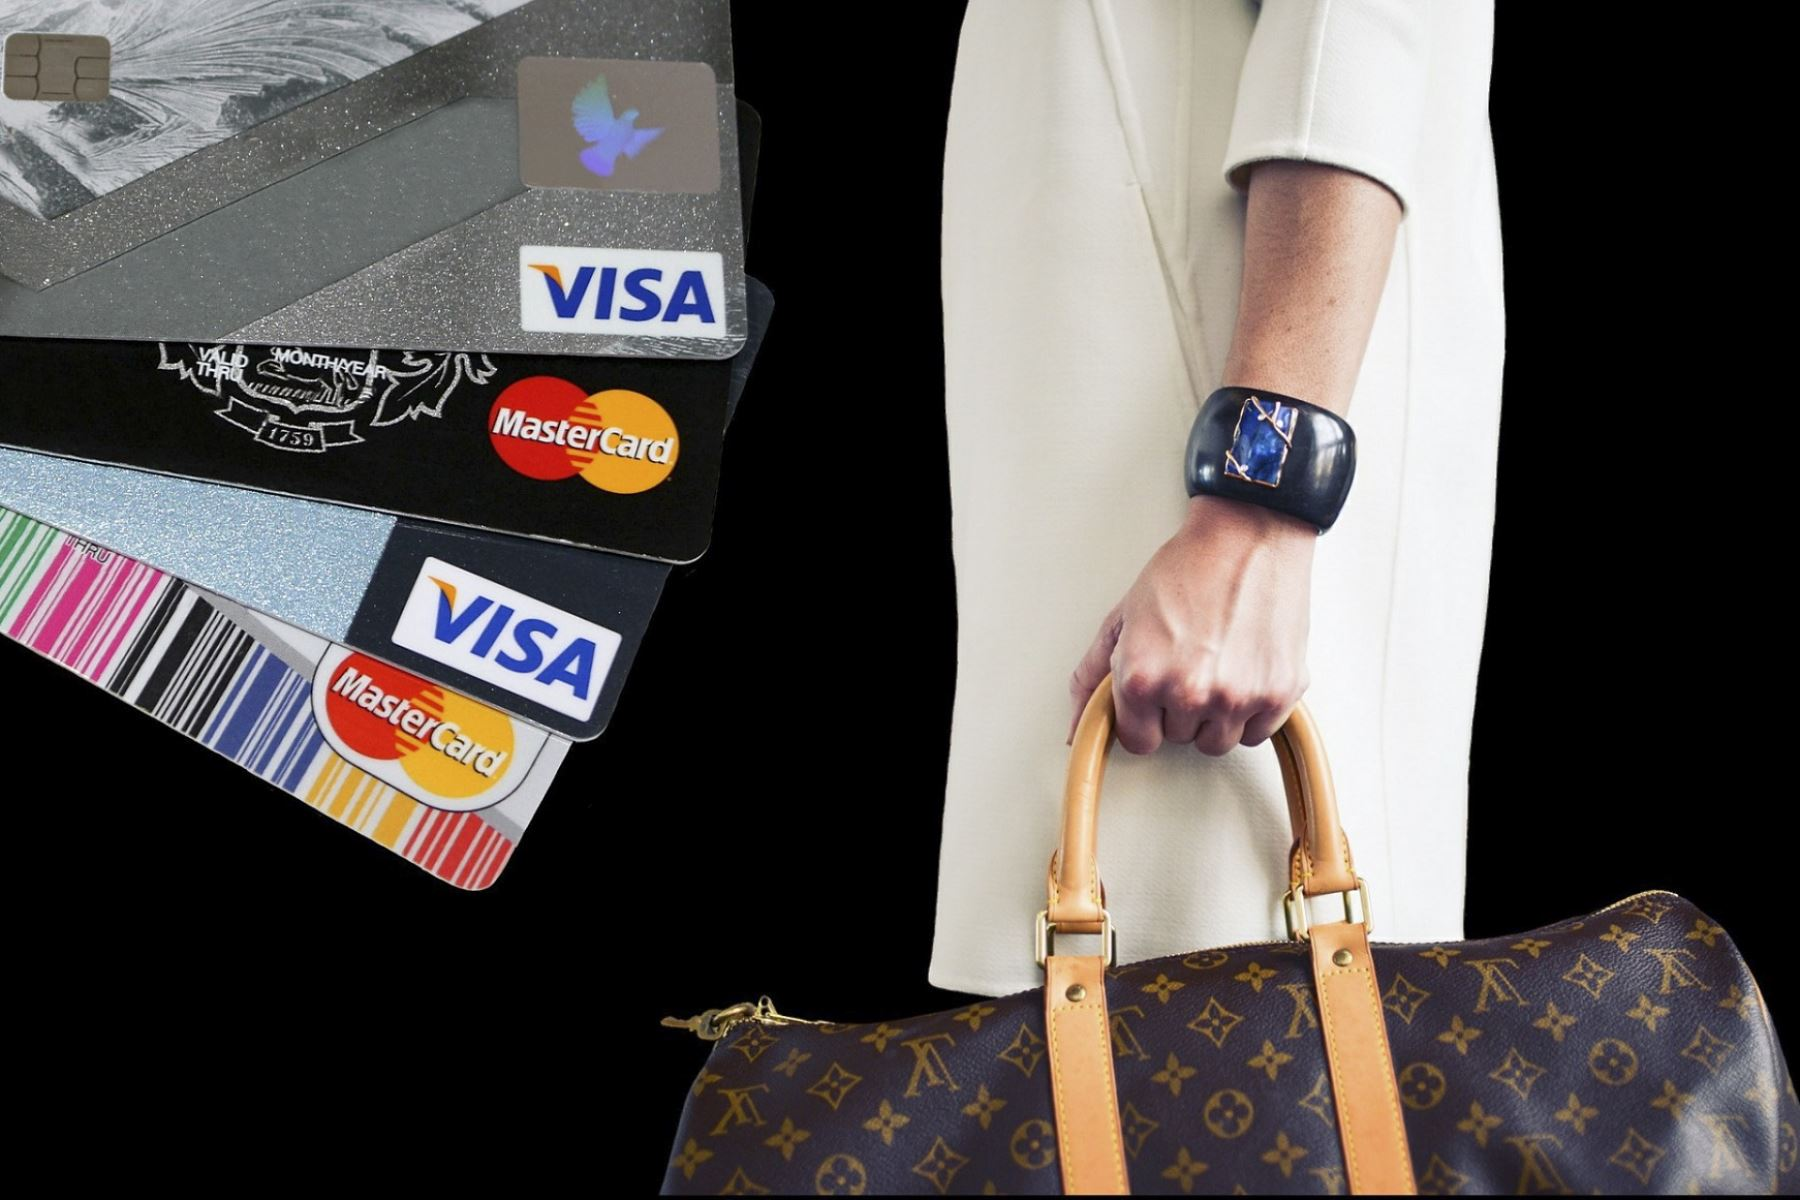 ASPEC propone suspender el pago de membresía de tarjetas de crédito